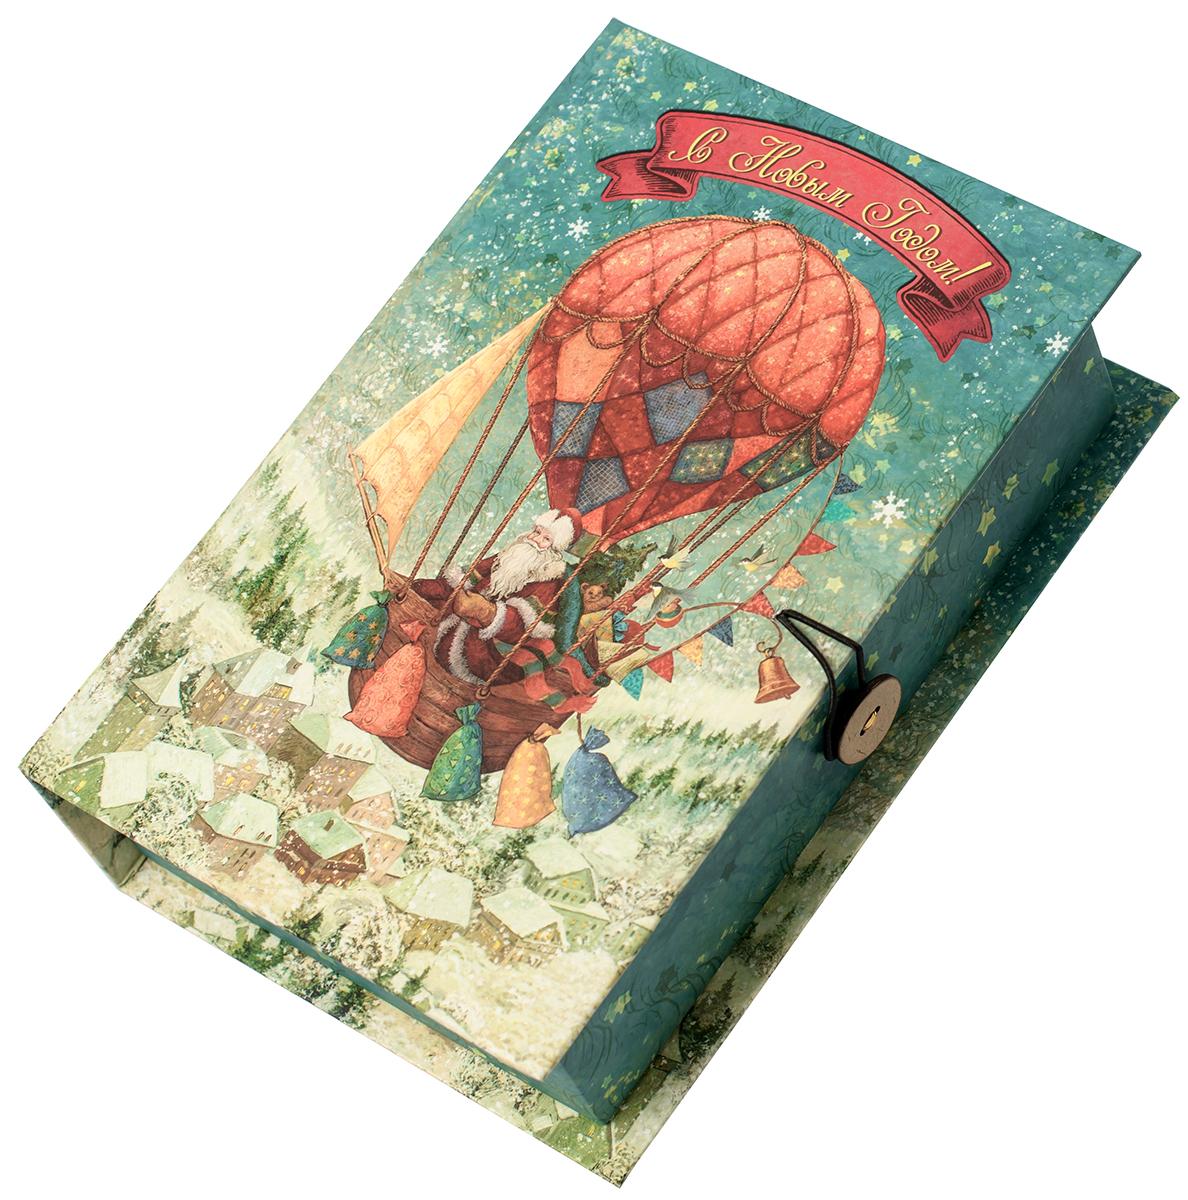 Коробка подарочная Magic Time Доставка подарков, размер M. 7503775037Подарочная коробка Magic Time, выполненная из мелованного, ламинированного картона, закрывается на пуговицу. Крышка оформлена декоративным рисунком.Подарочная коробка - это наилучшее решение, если вы хотите порадовать ваших близких и создать праздничное настроение, ведь подарок, преподнесенный в оригинальной упаковке, всегда будет самым эффектным и запоминающимся. Окружите близких людей вниманием и заботой, вручив презент в нарядном, праздничном оформлении.Плотность картона: 1100 г/м2.